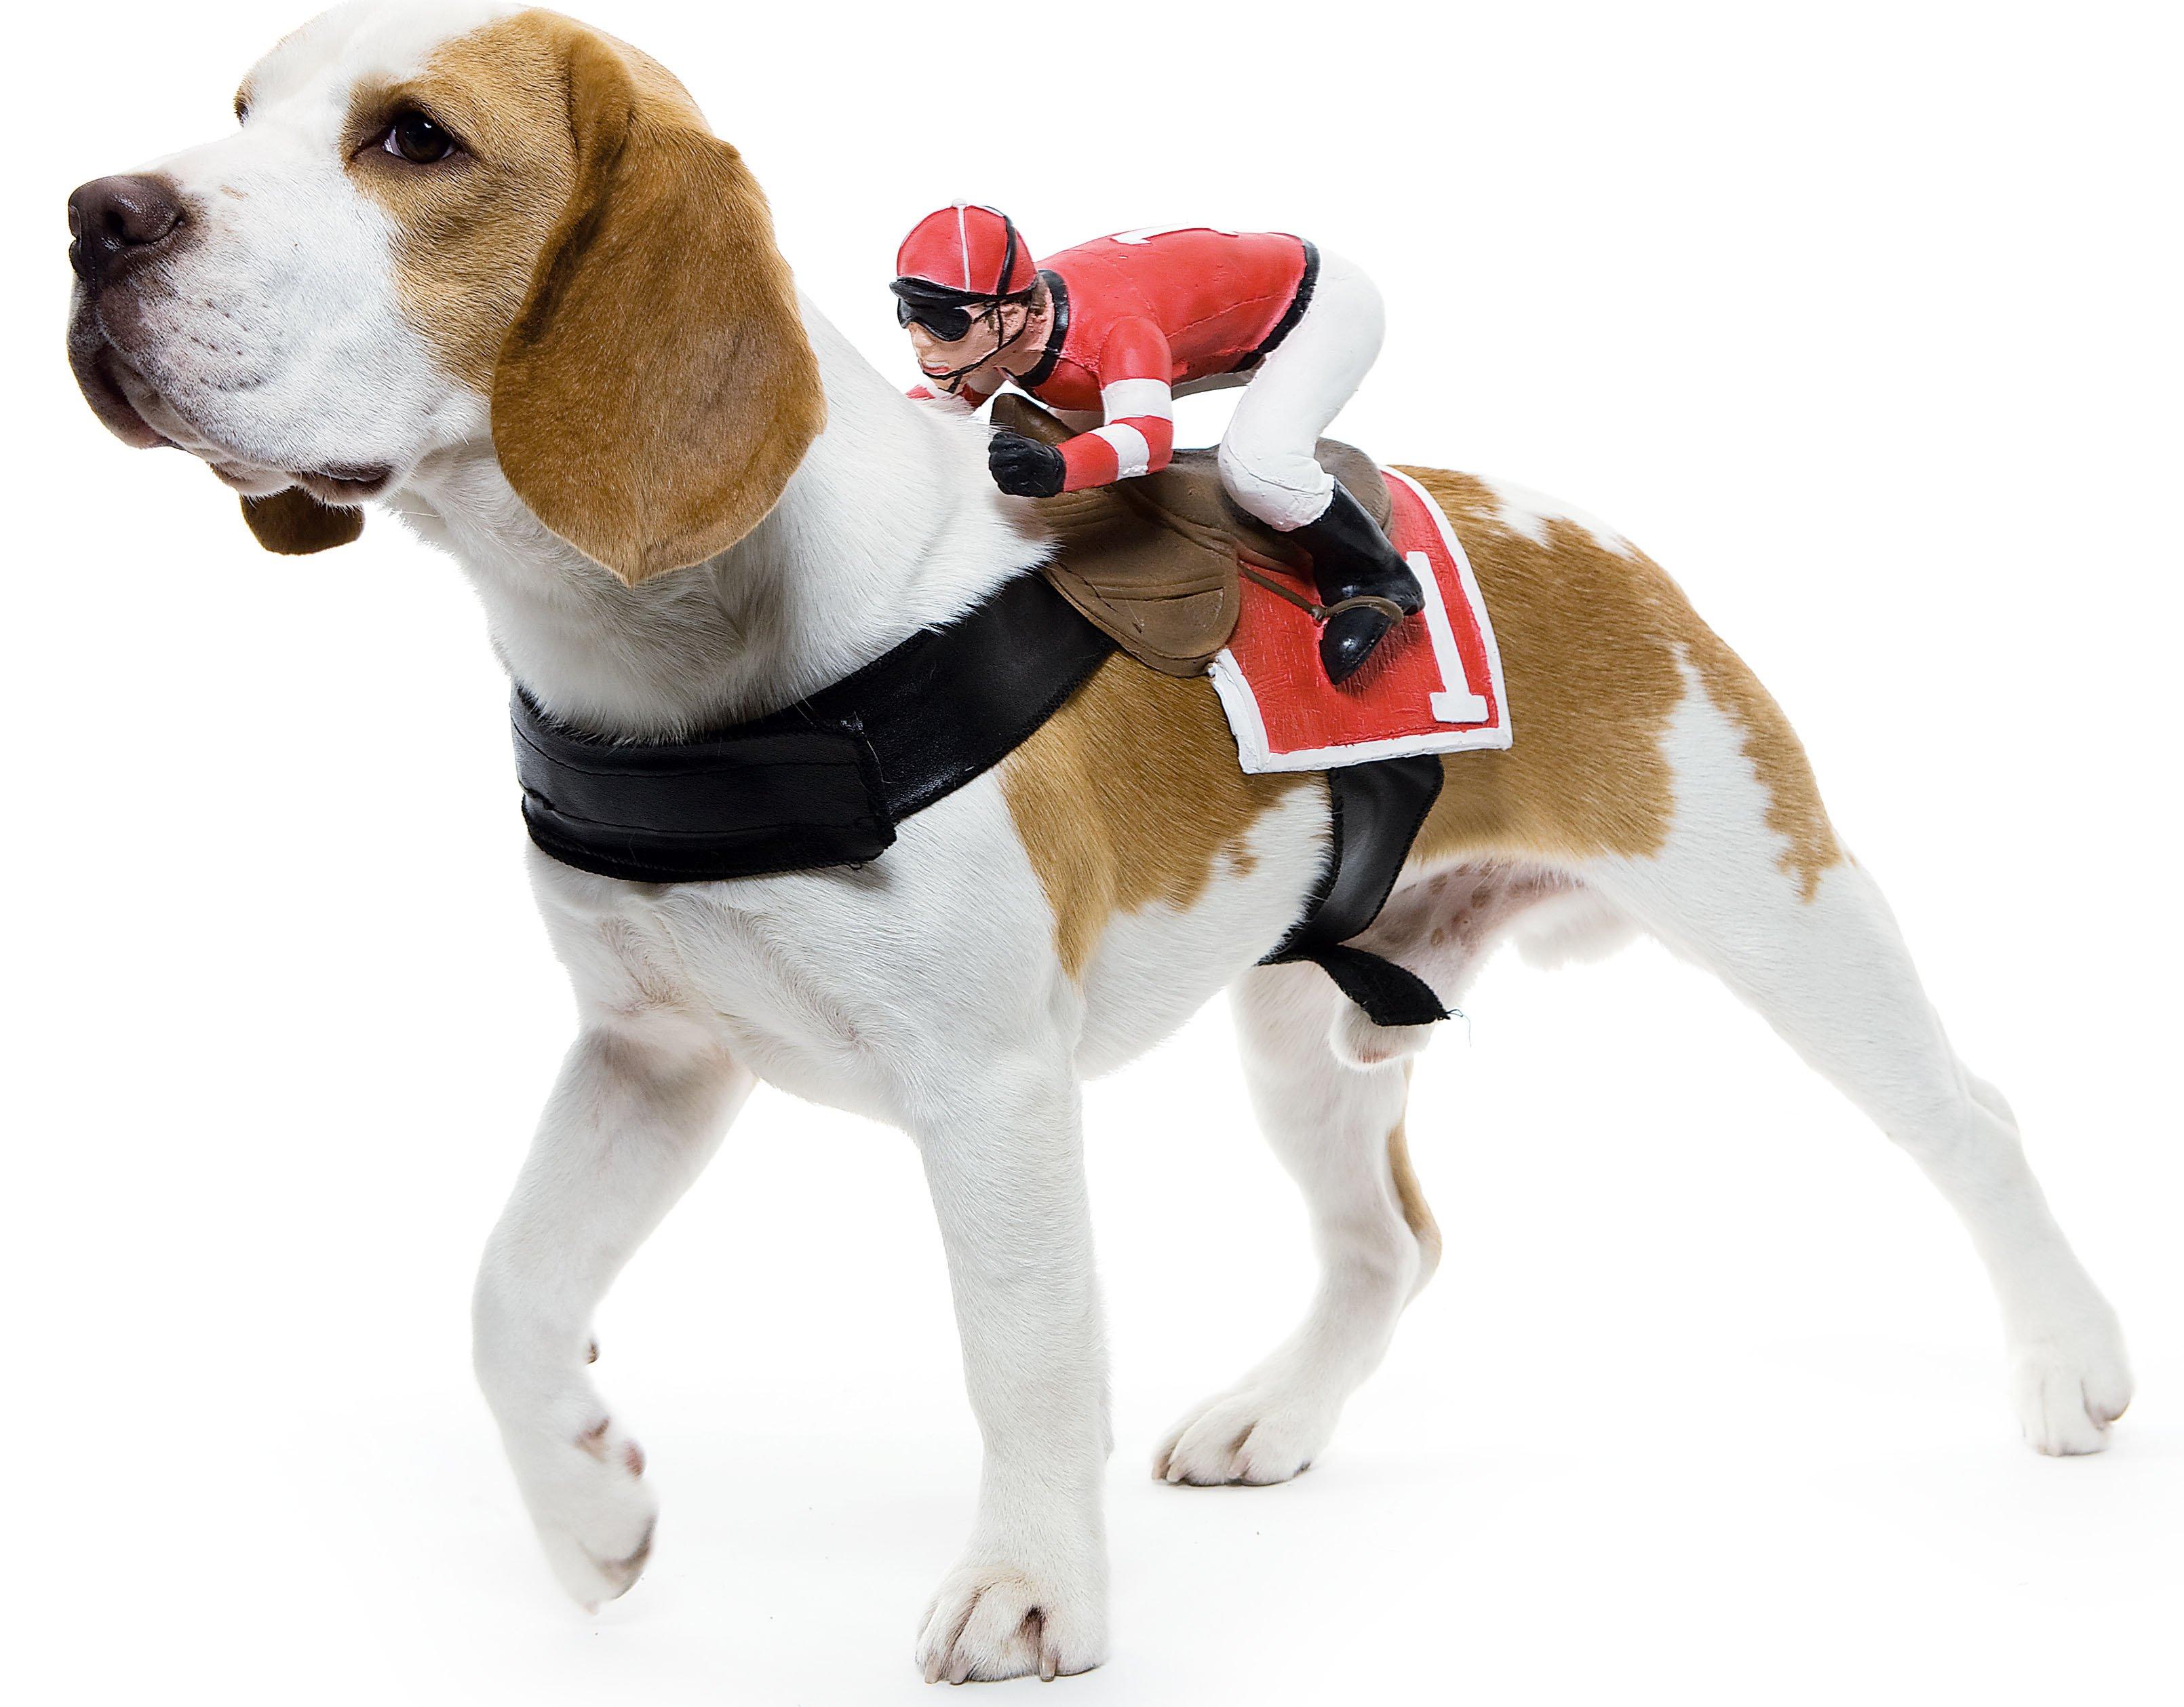 dog jockey harness costume